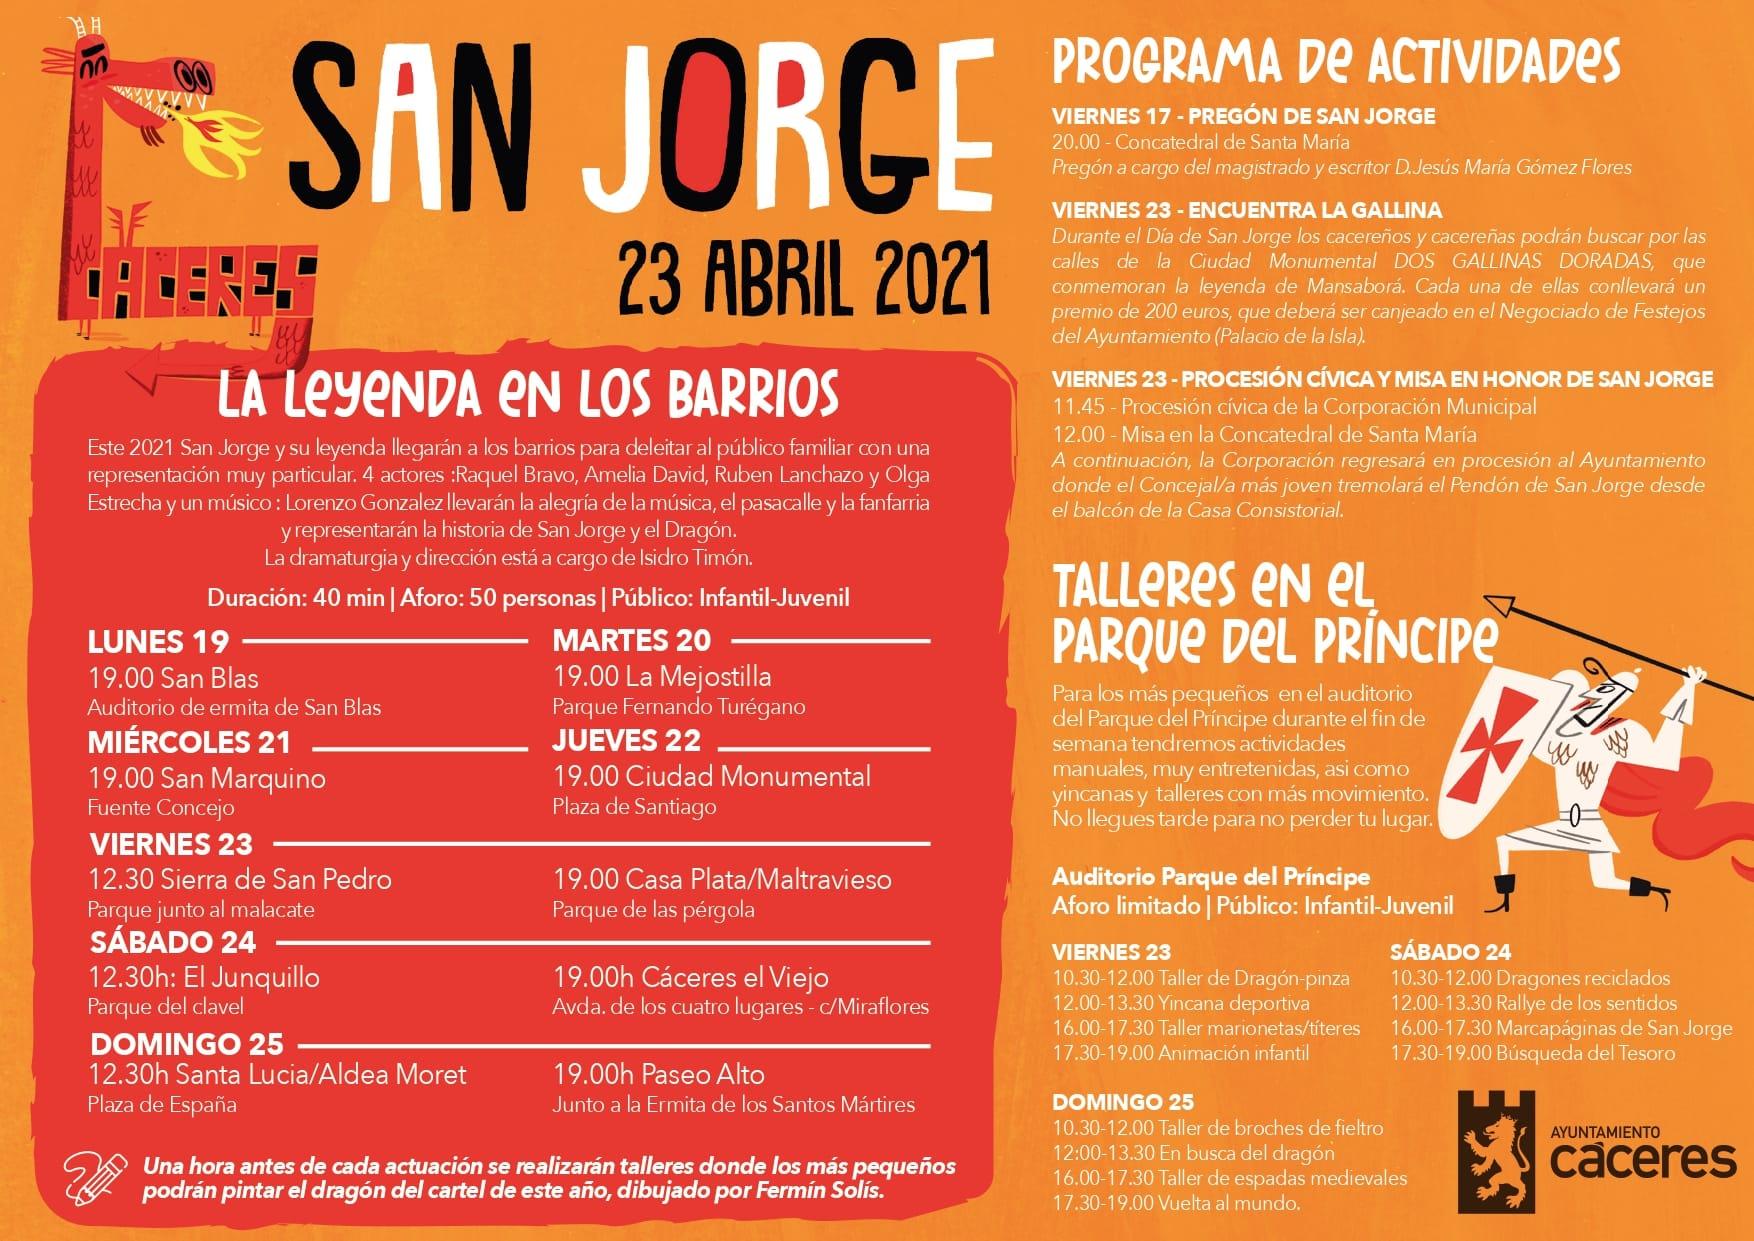 San Jorge 2021 La Leyenda en los Barrios